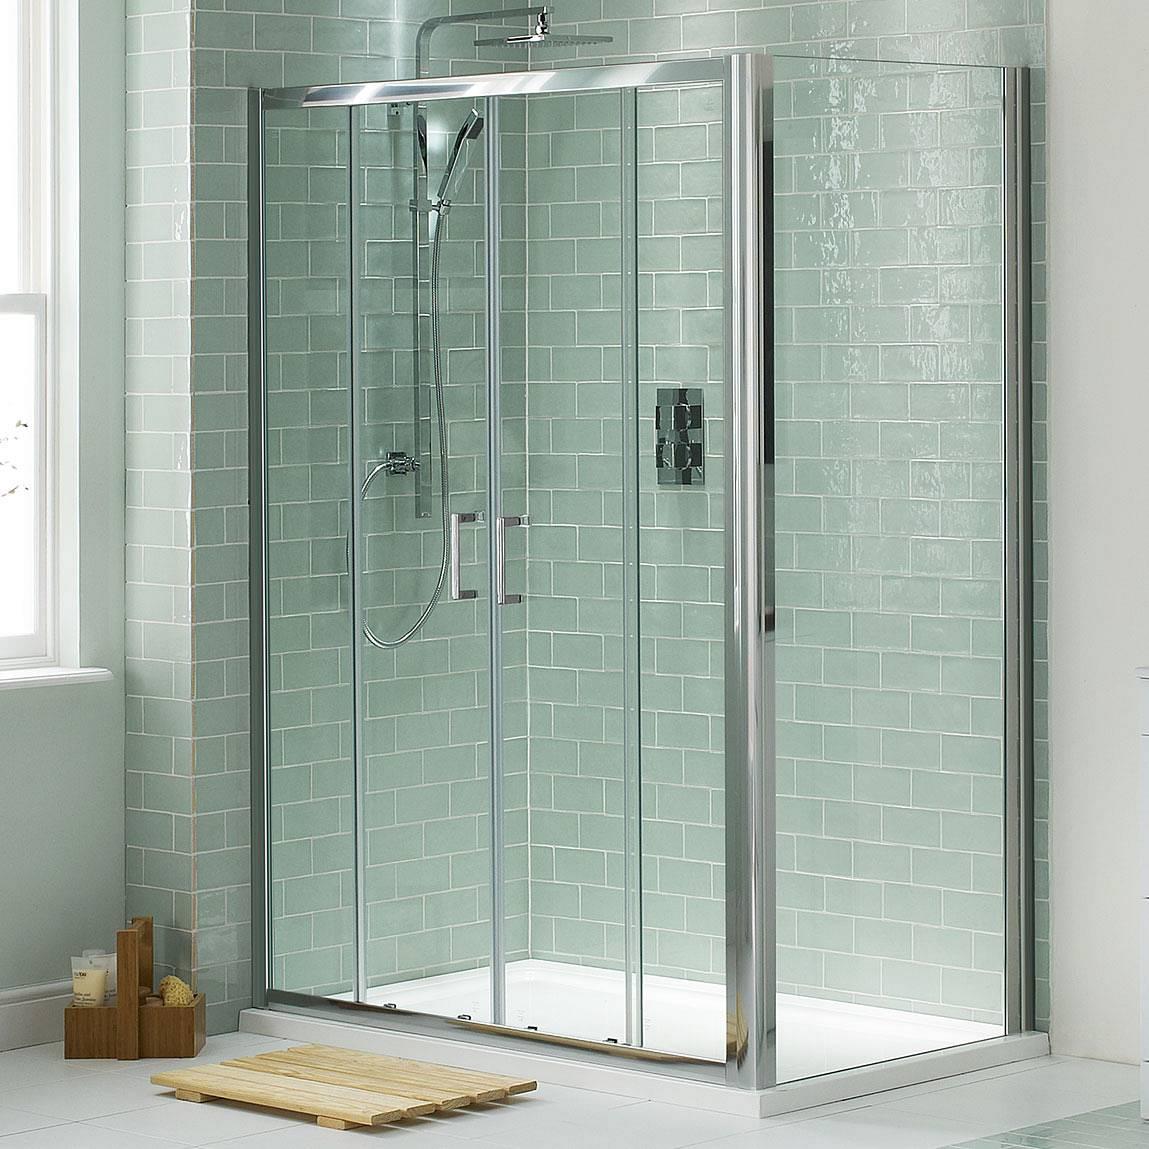 Image of V6 Sliding Shower Enclosure 1400 x 760